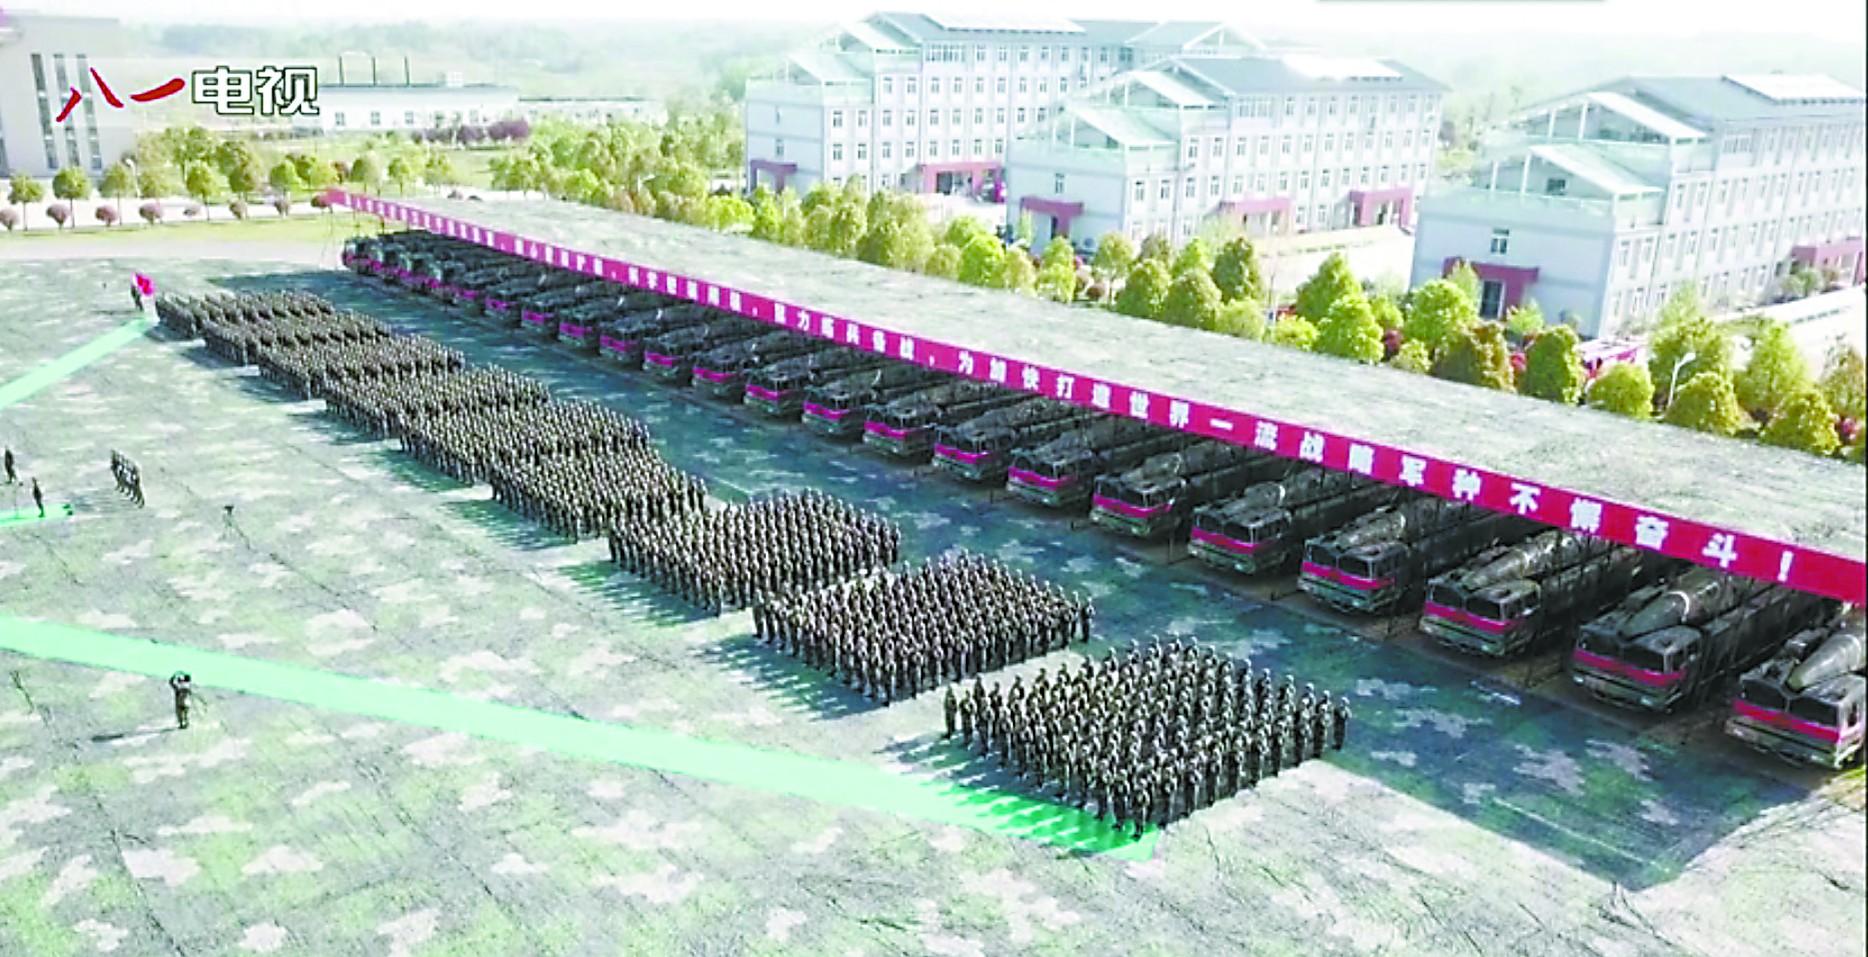 中国新导弹成建制列装 将反航母防御圈拓展数千公里傲天家族战歌